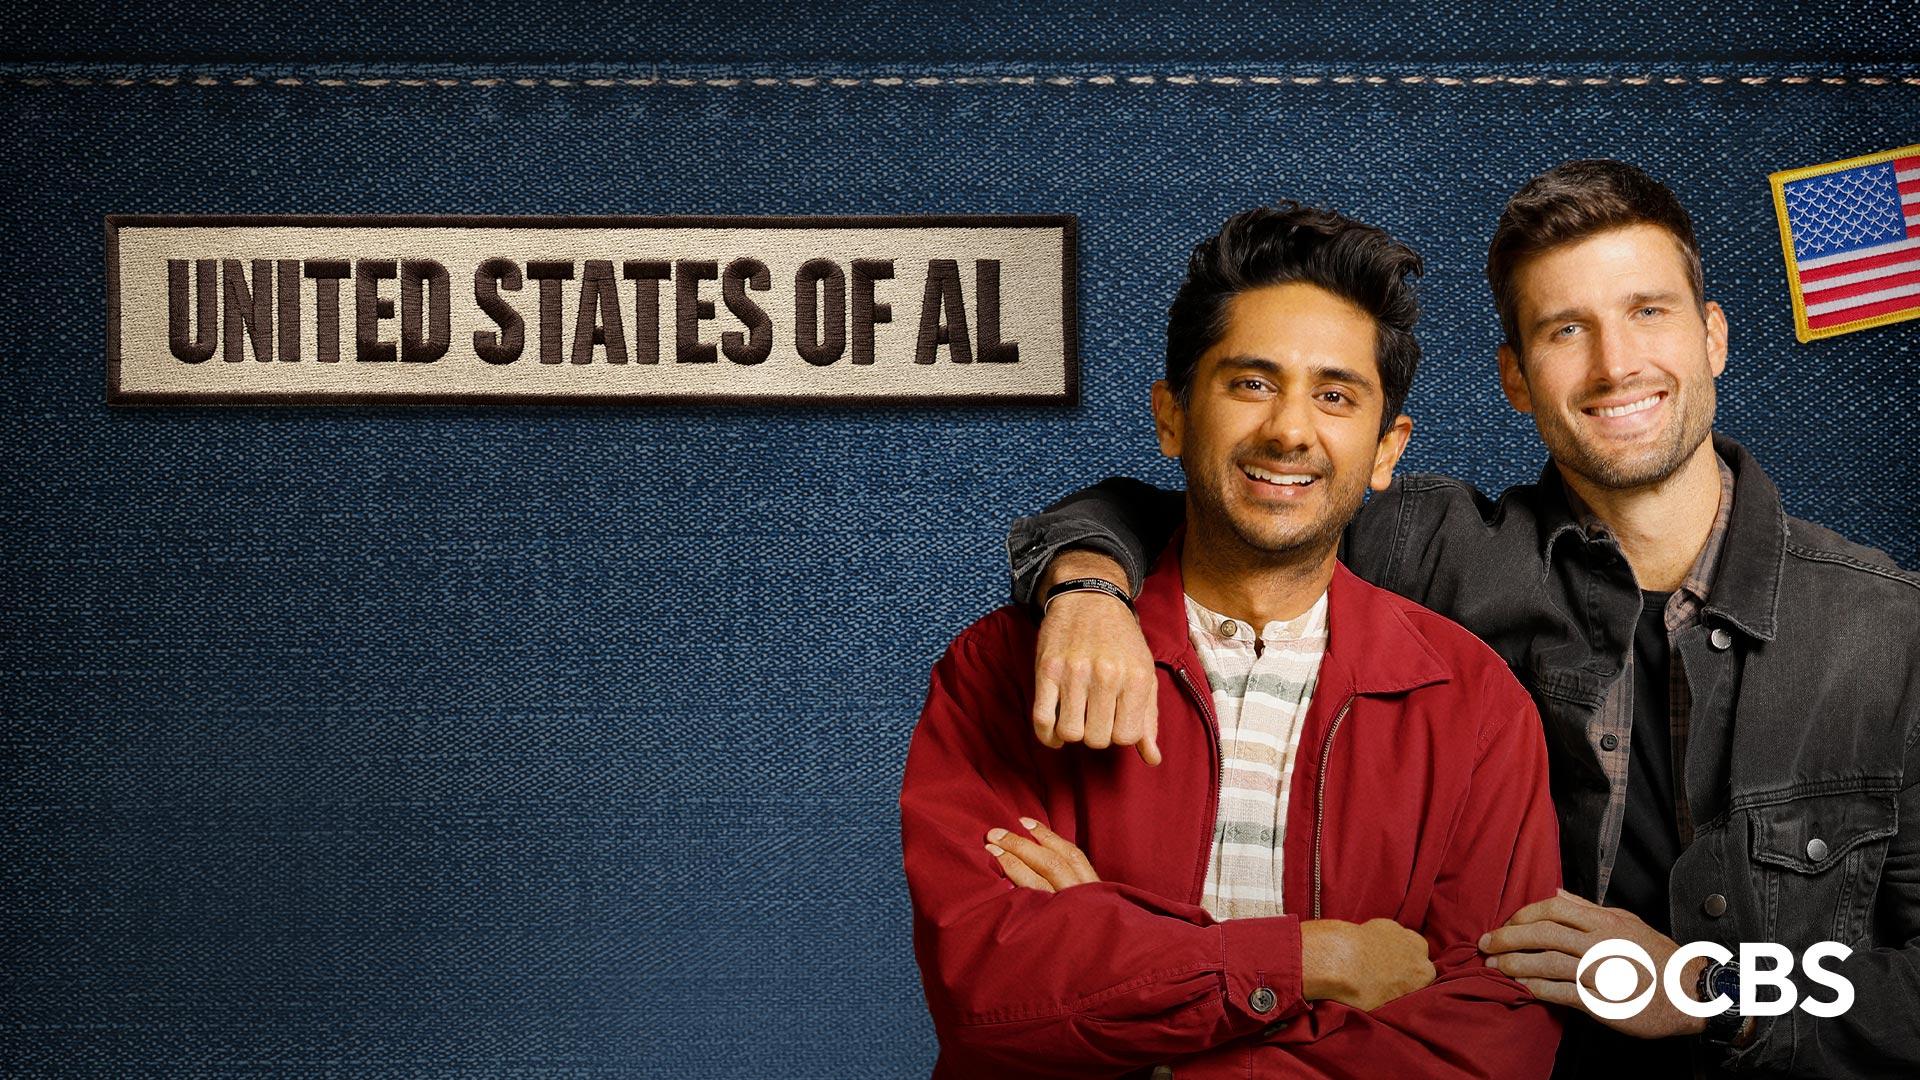 United States of Al Season 1